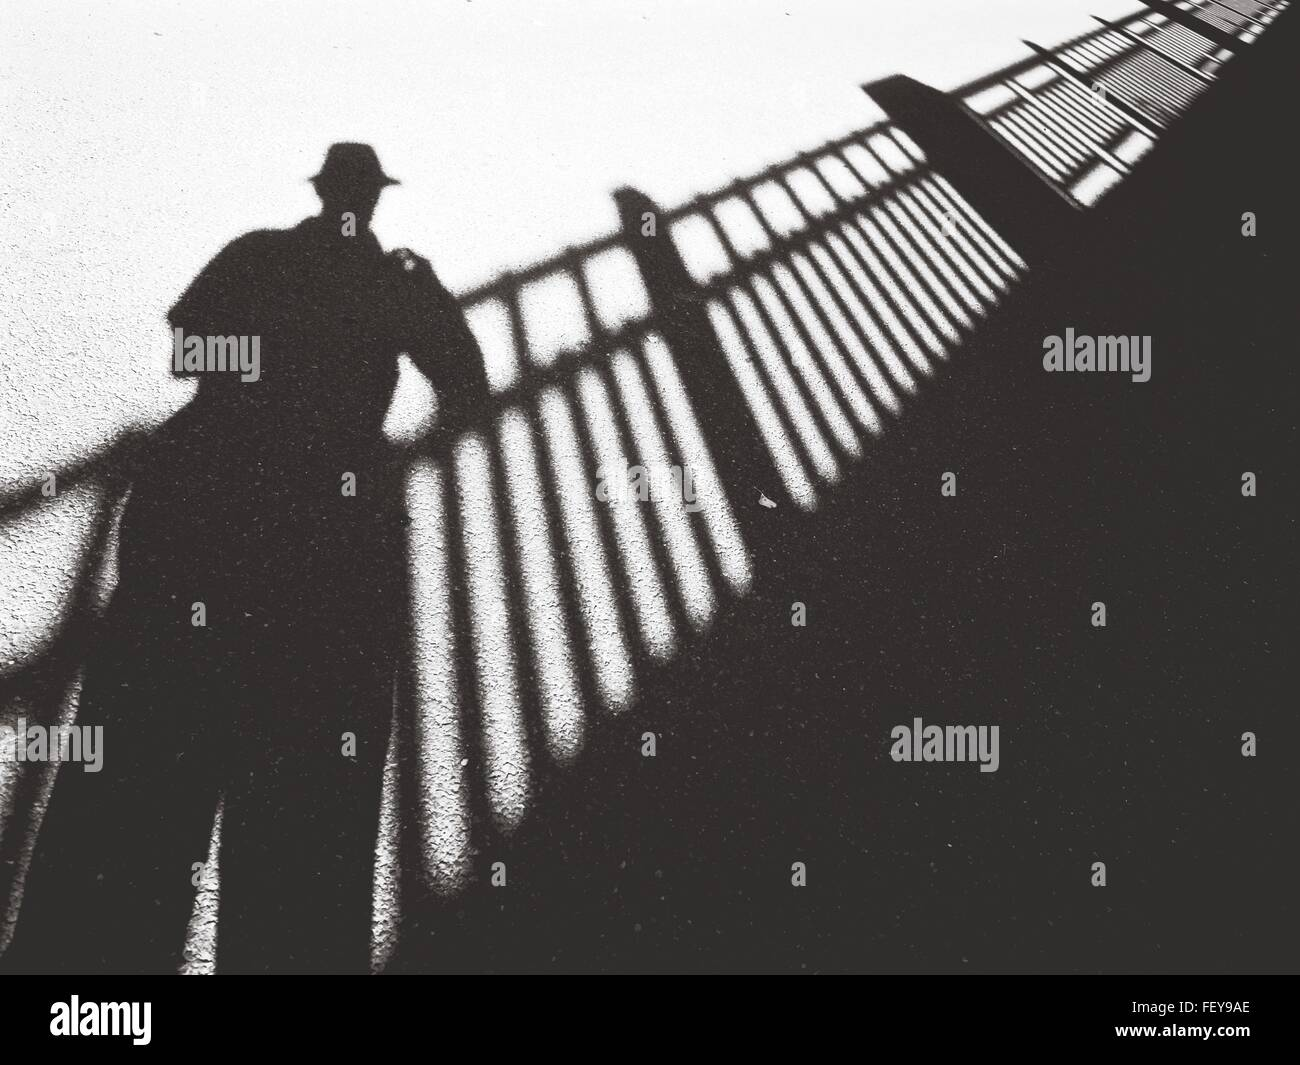 Primer plano de sombra en el suelo Imagen De Stock